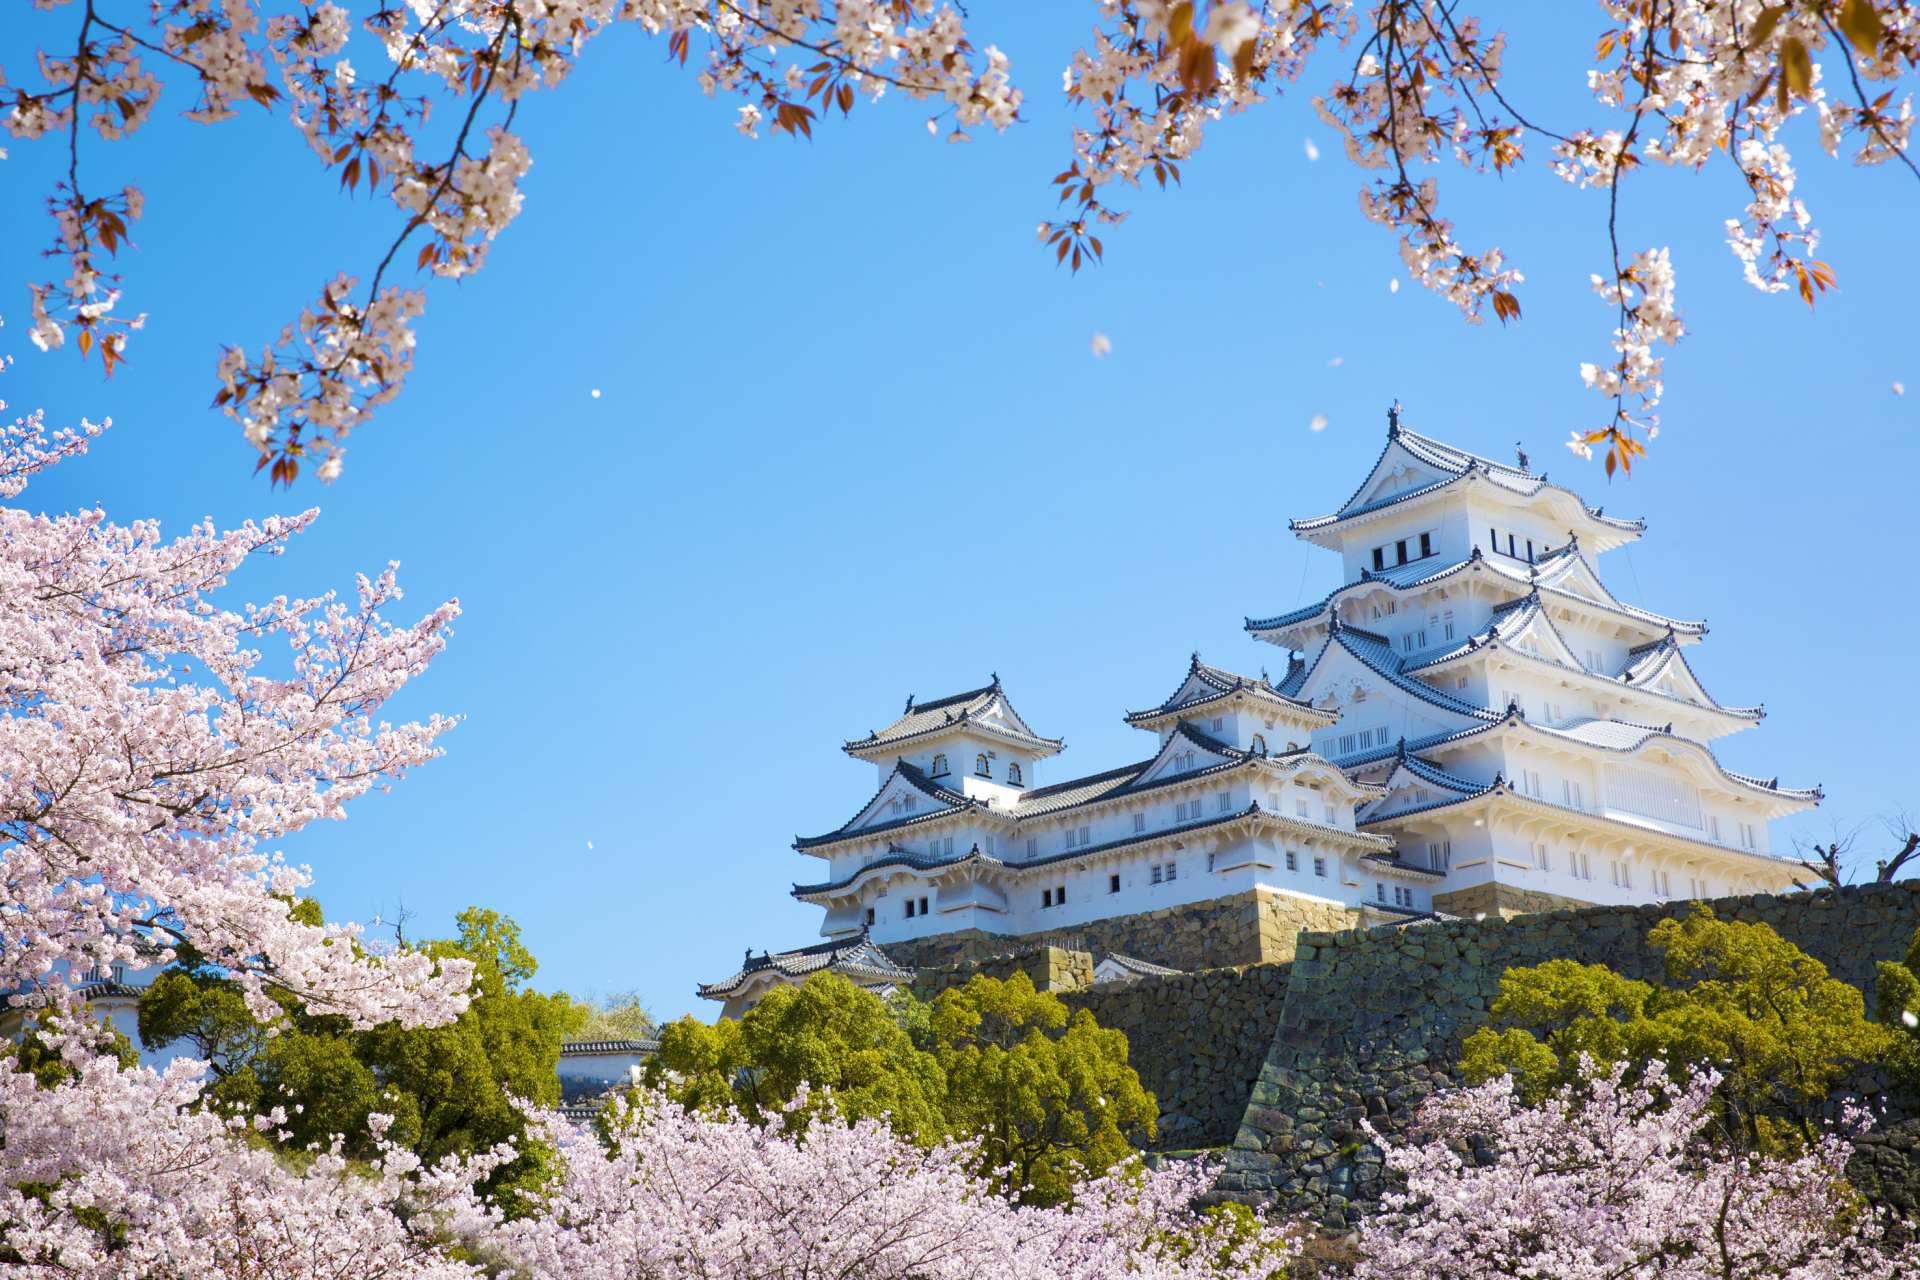 迎来樱花季的梦幻姬路城